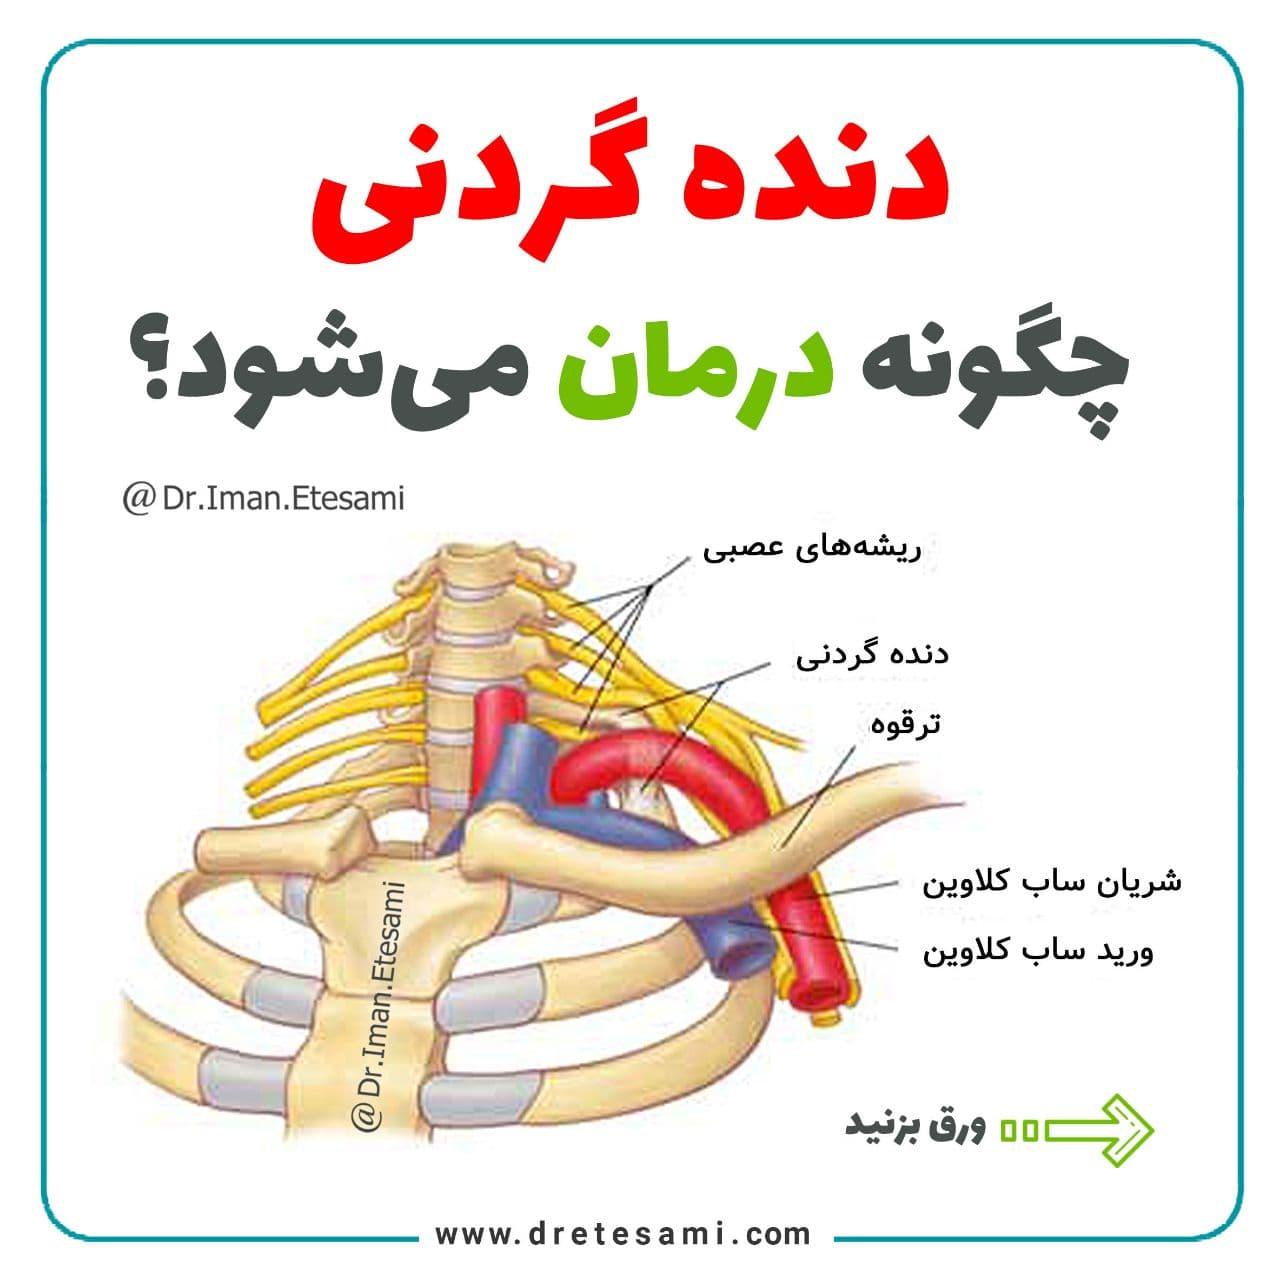 دنده گردنی چگونه درمان میشود؟